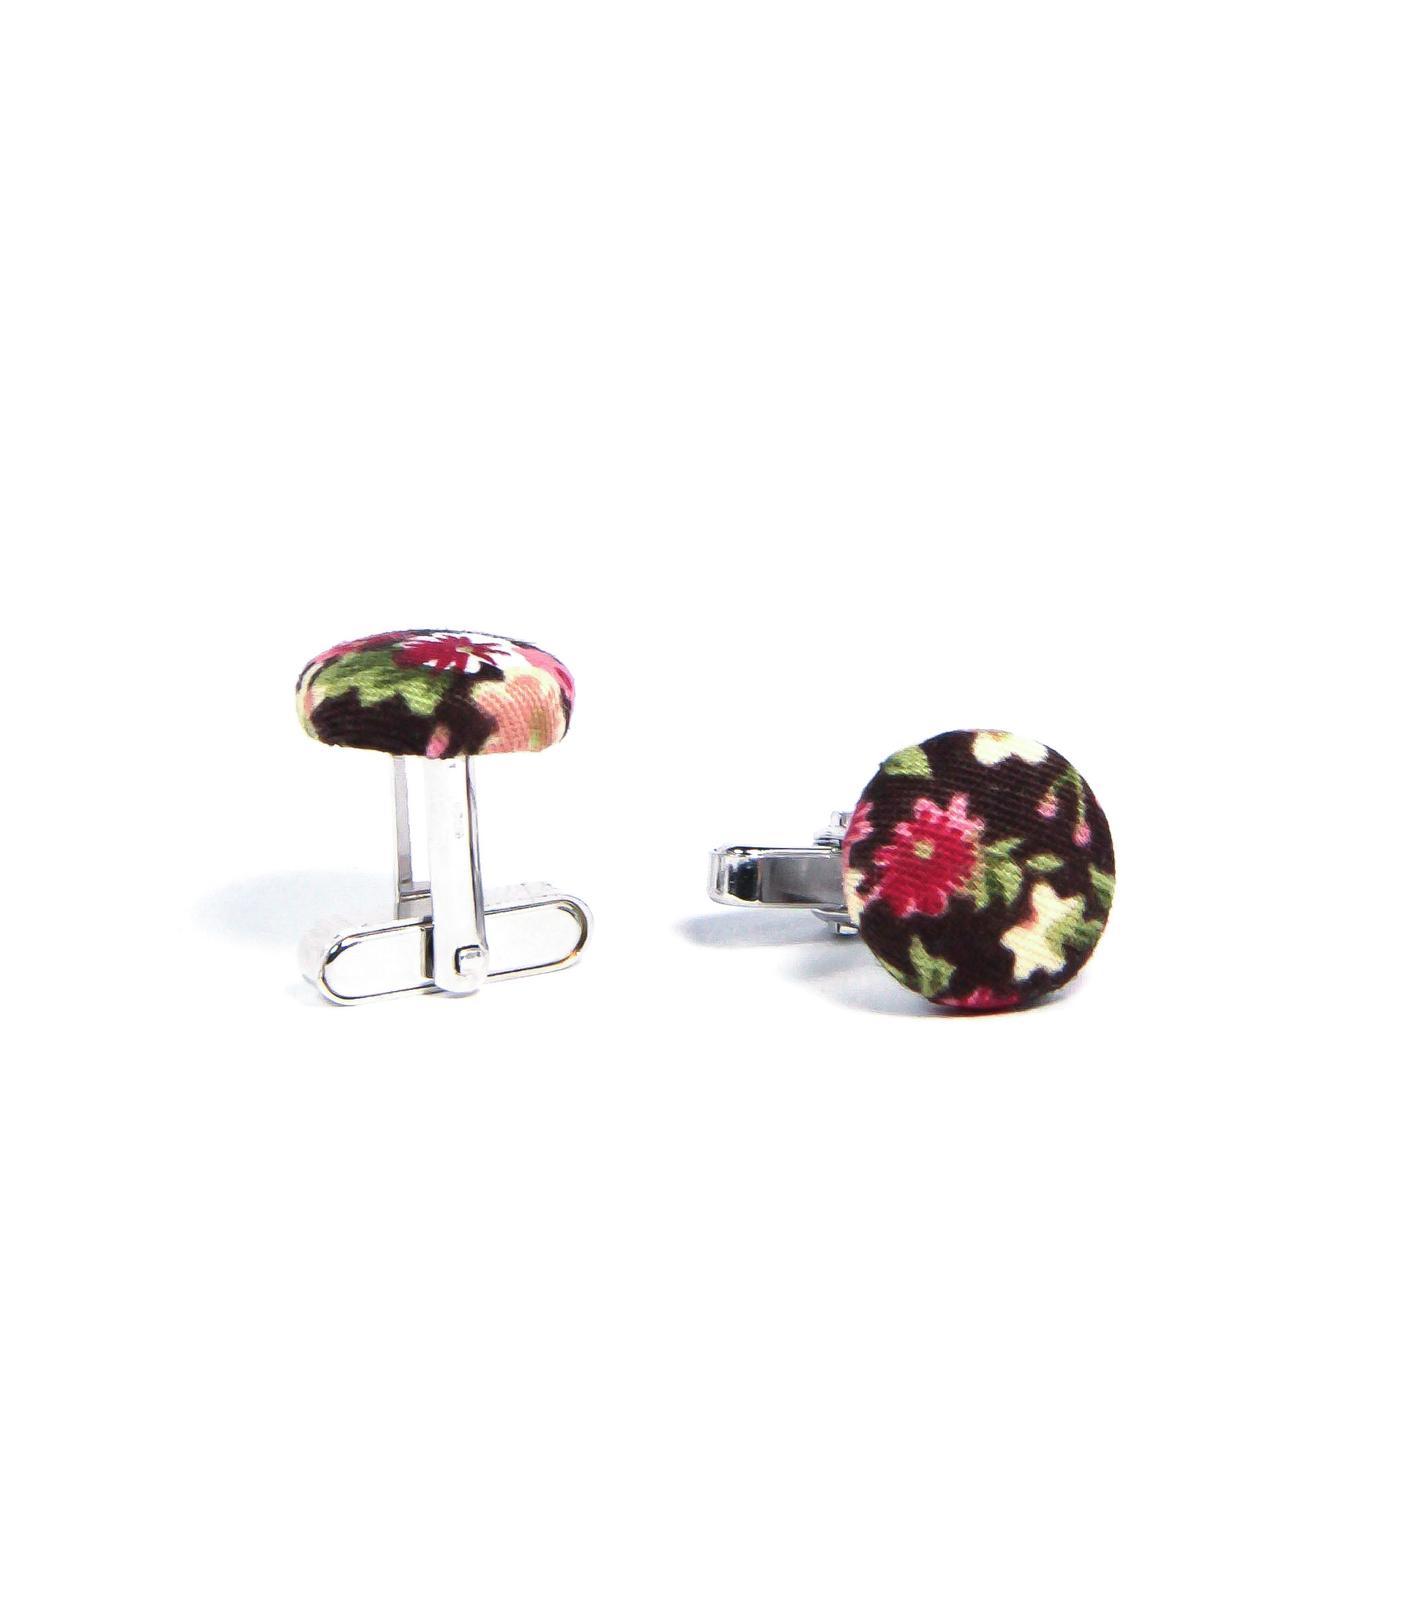 bubibubi_ties - Hnědé manžetové knoflíčky s květy.